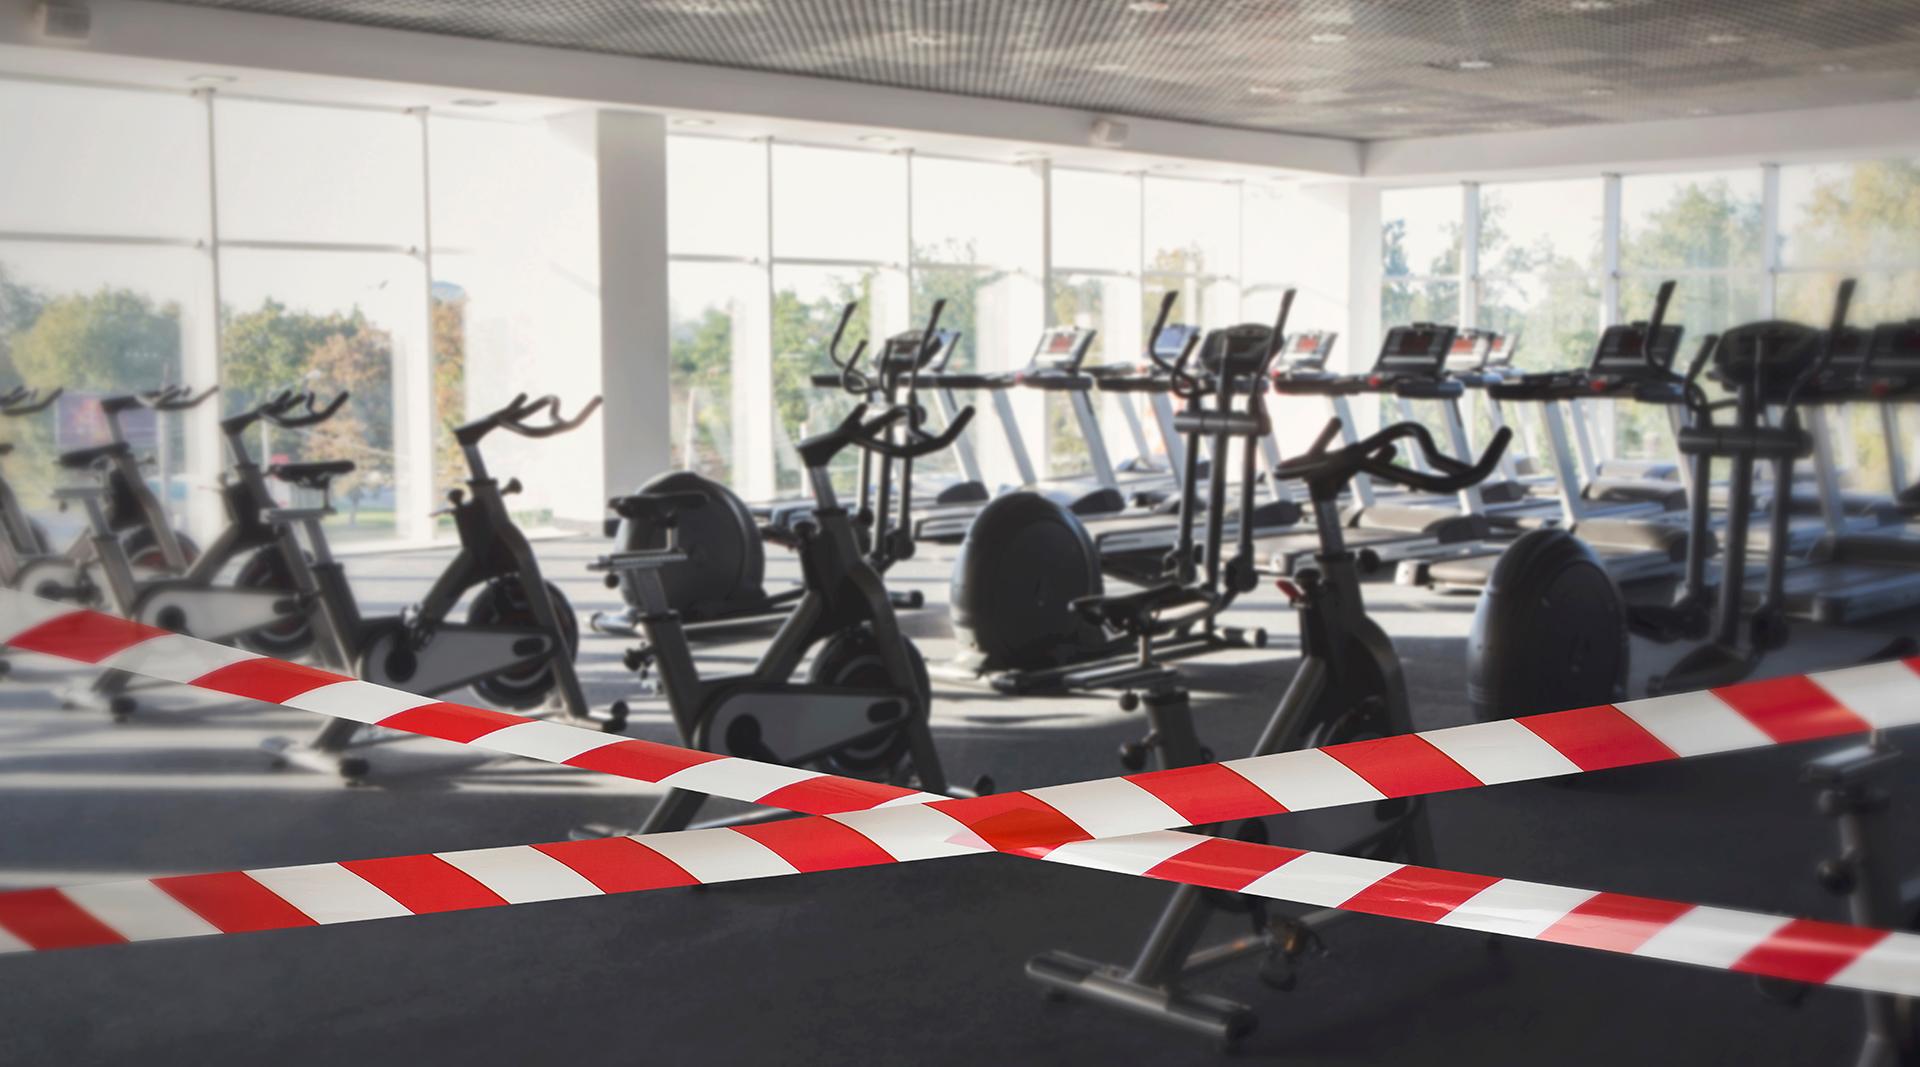 Закрыт фитнес клуб в москве клуб уголек москва